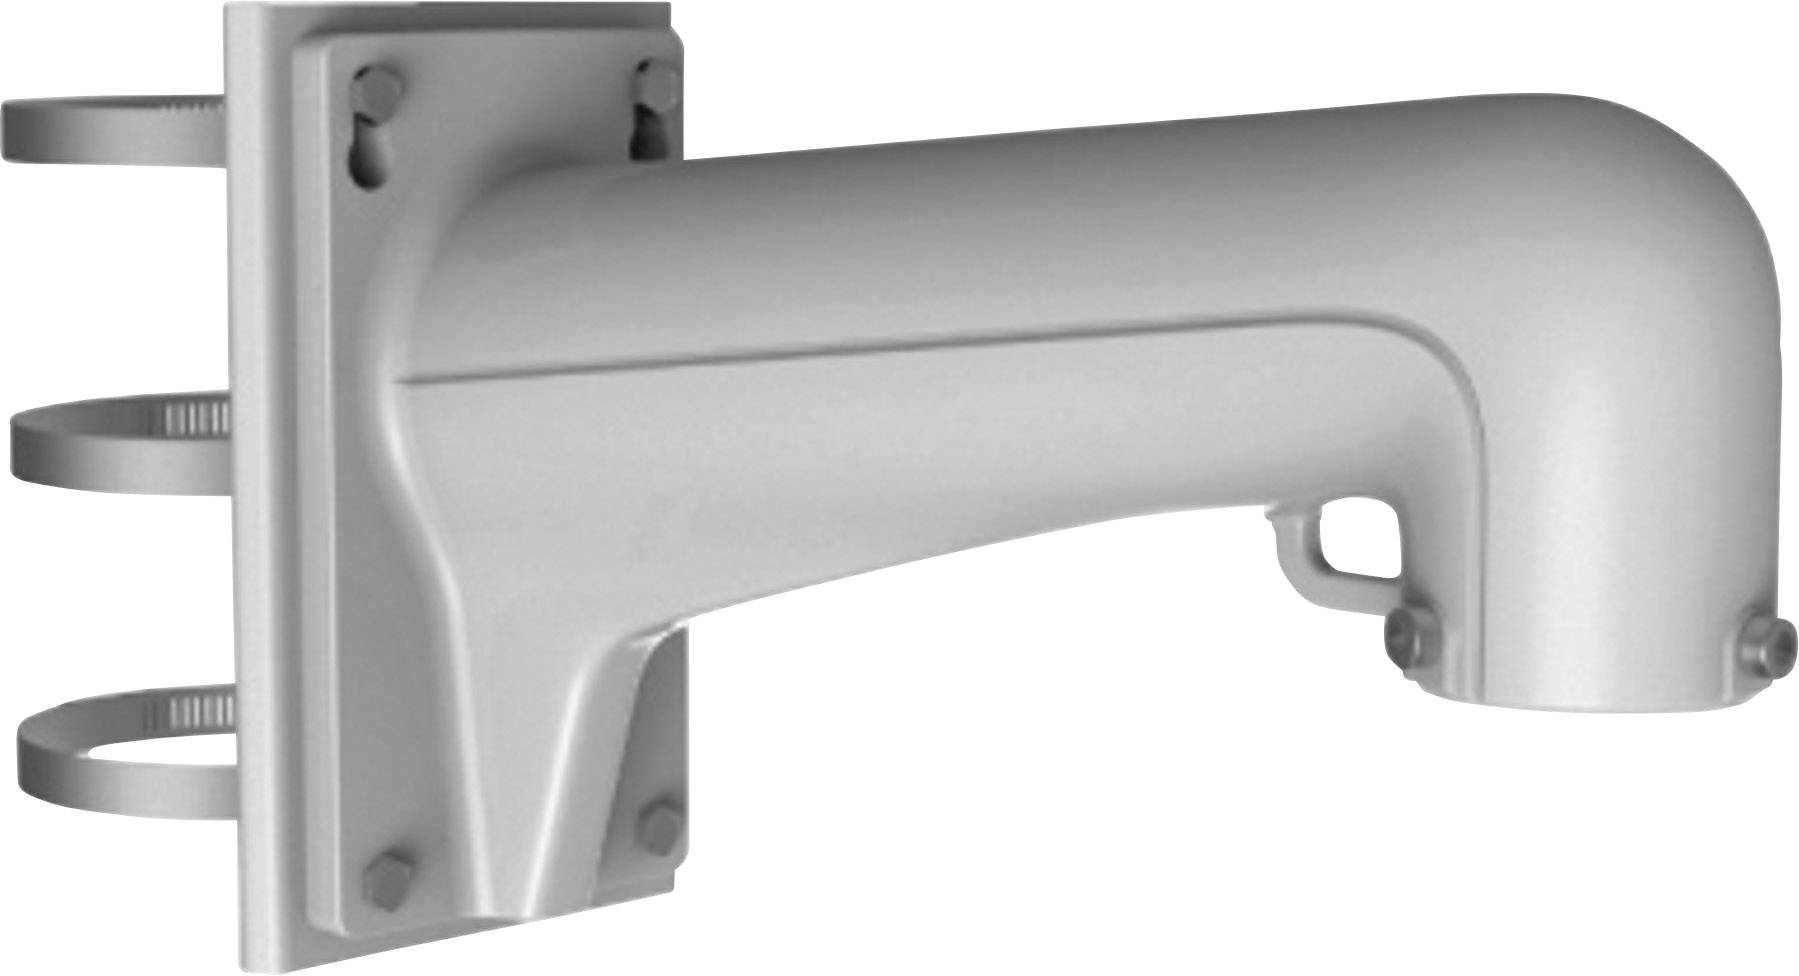 Držiak na stĺpy HiWatch DS-1602ZJ-Pole, Max.nosnosť 30 kg, biela